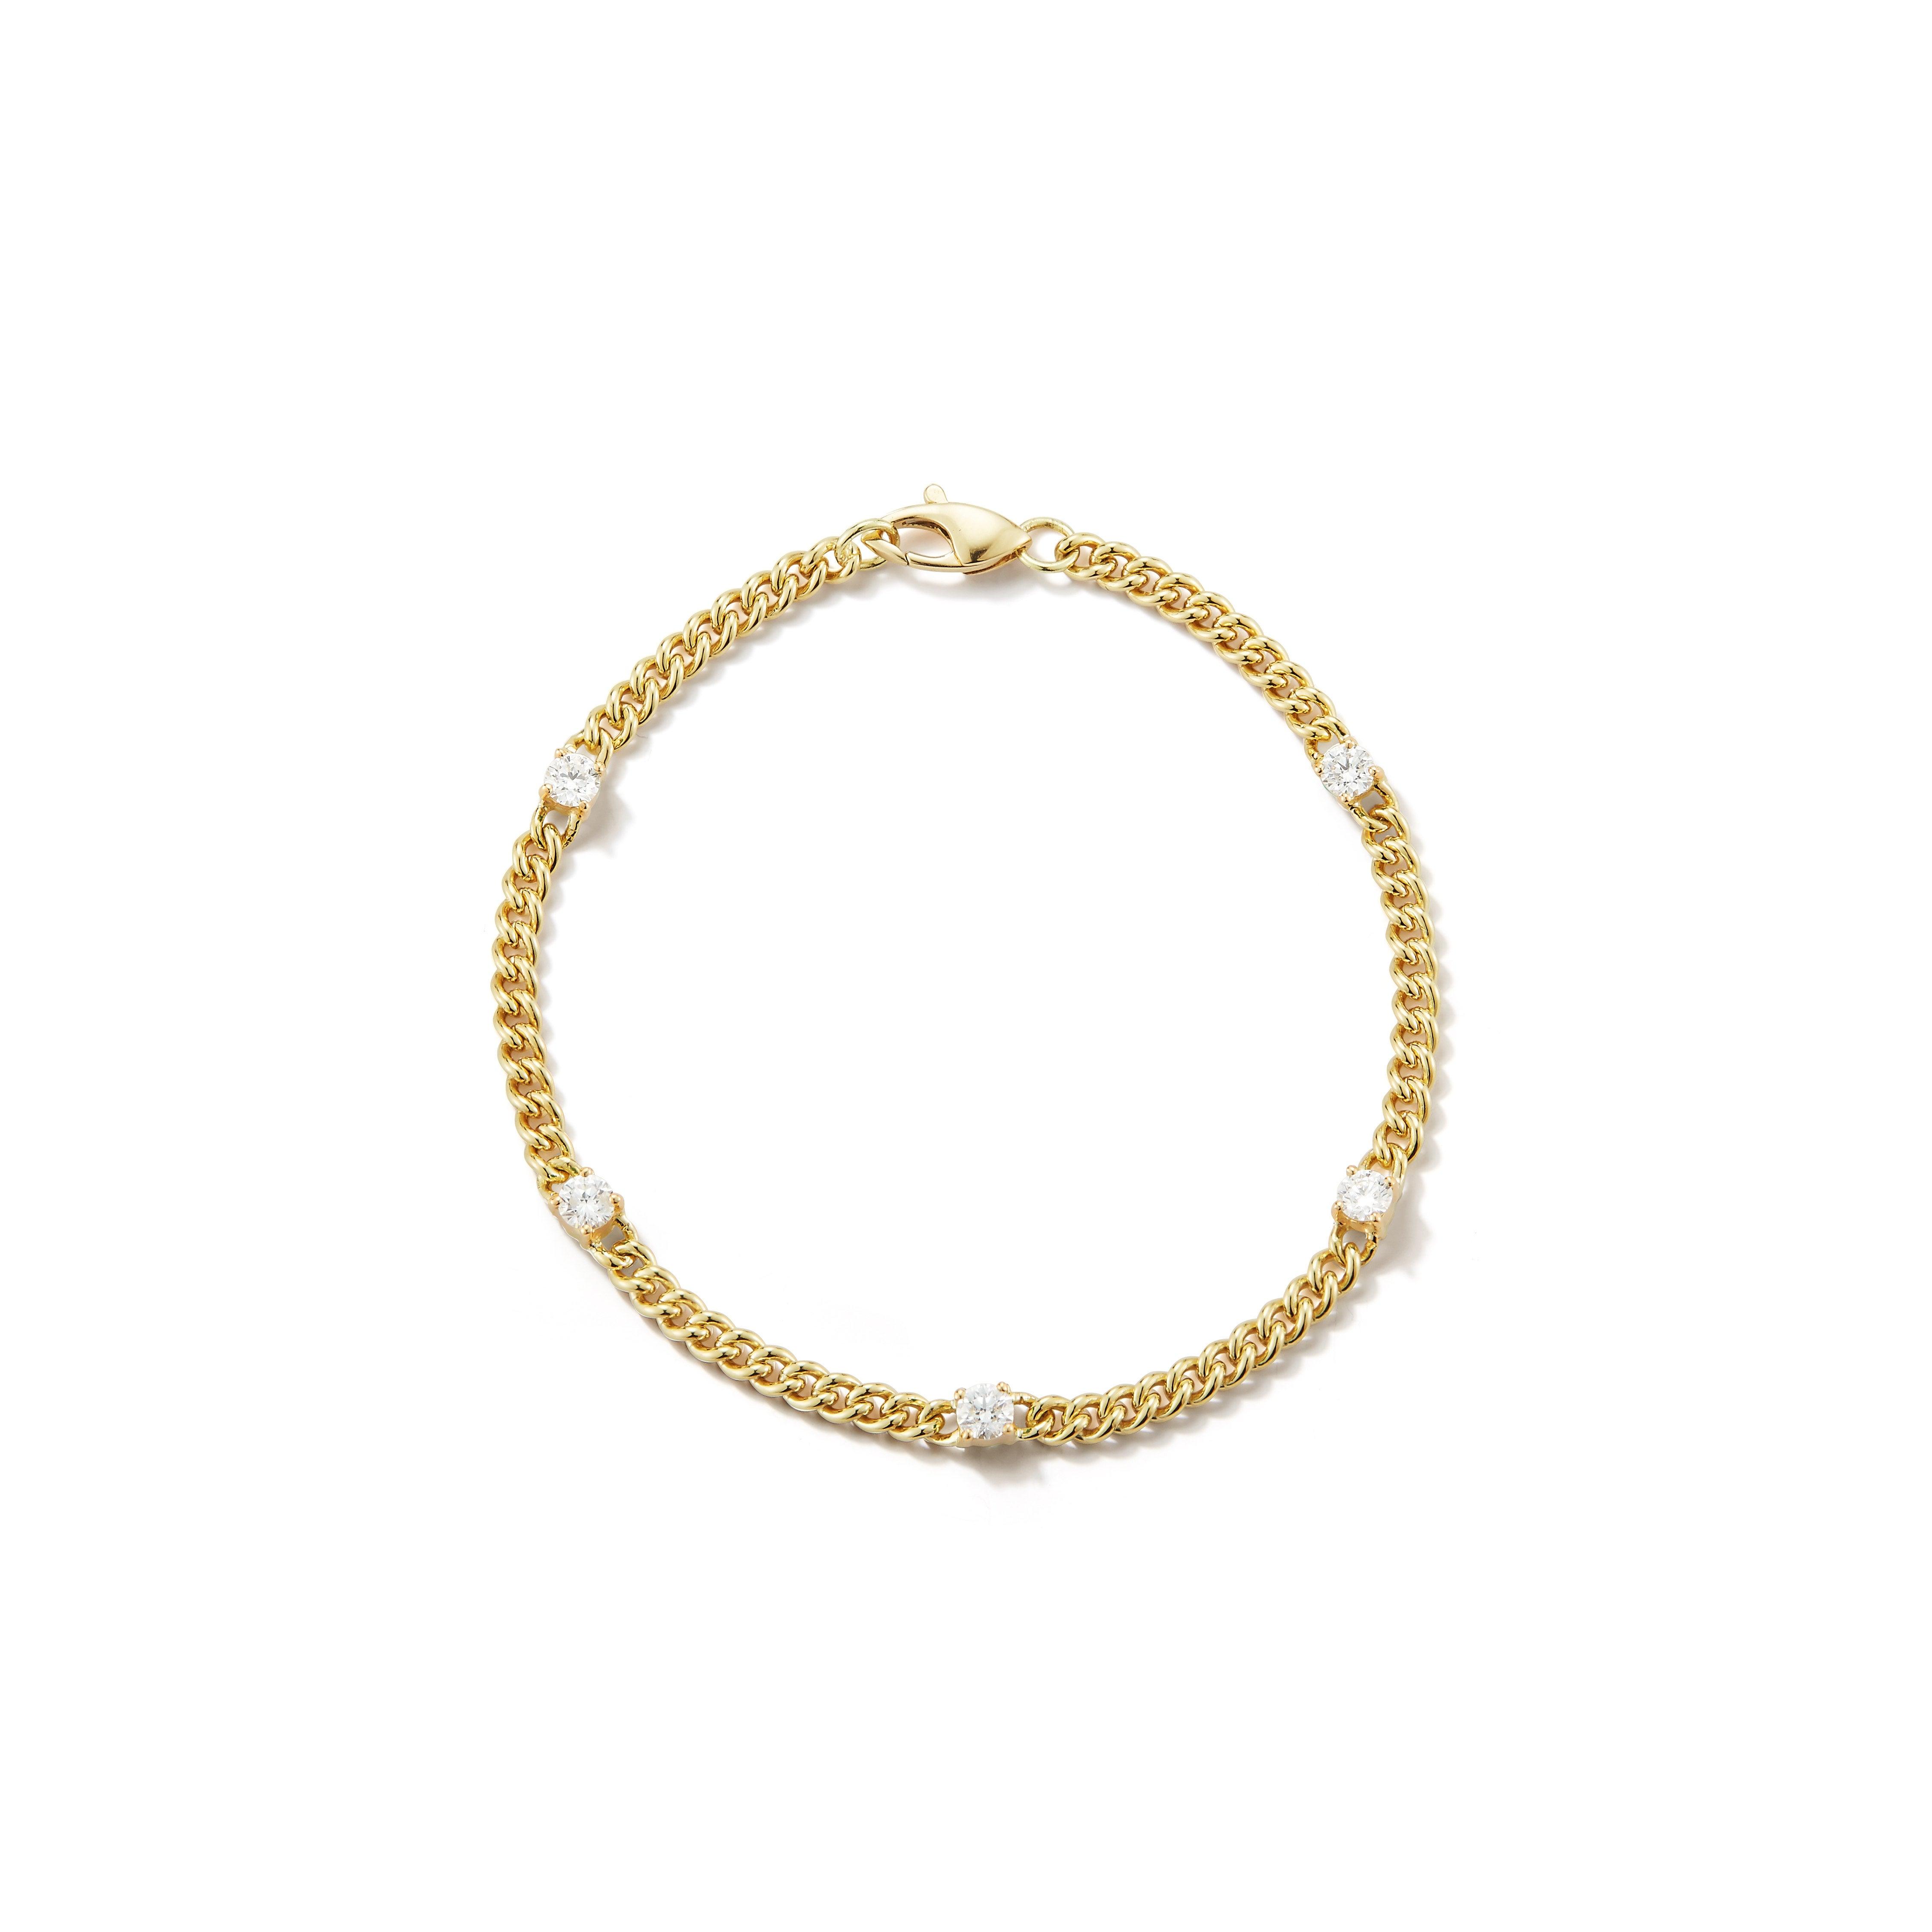 Jemma Wynne Toujours Diamond Bracelet